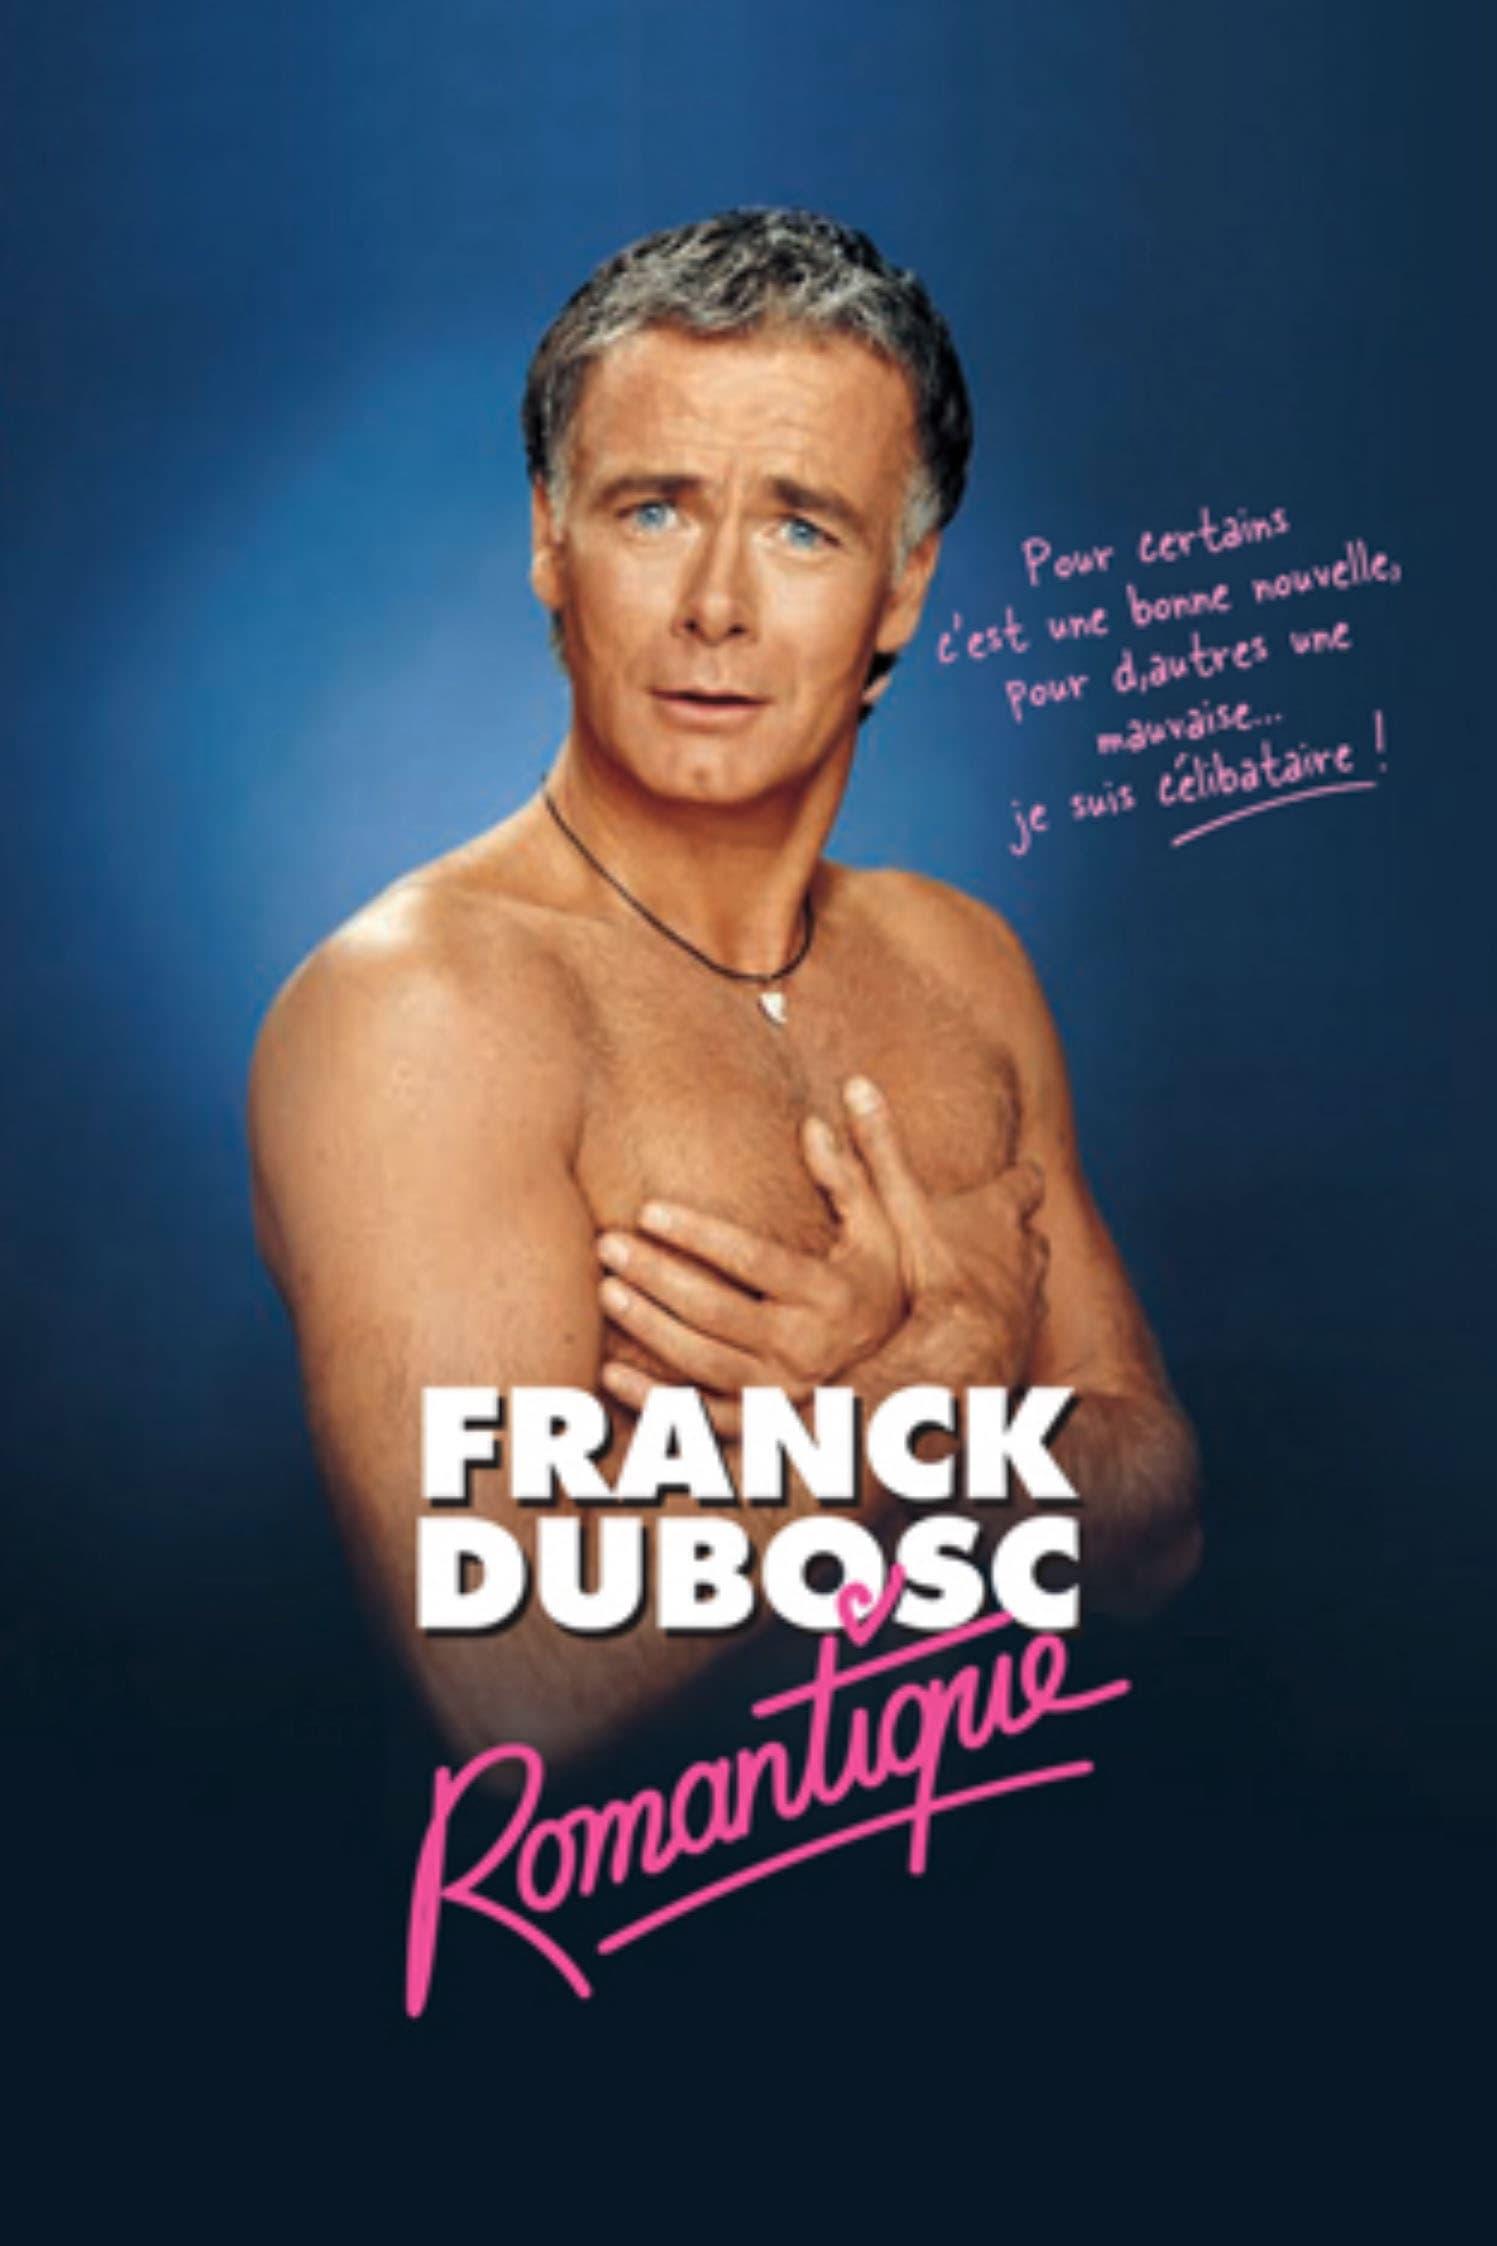 Franck Dubosc - Romantique